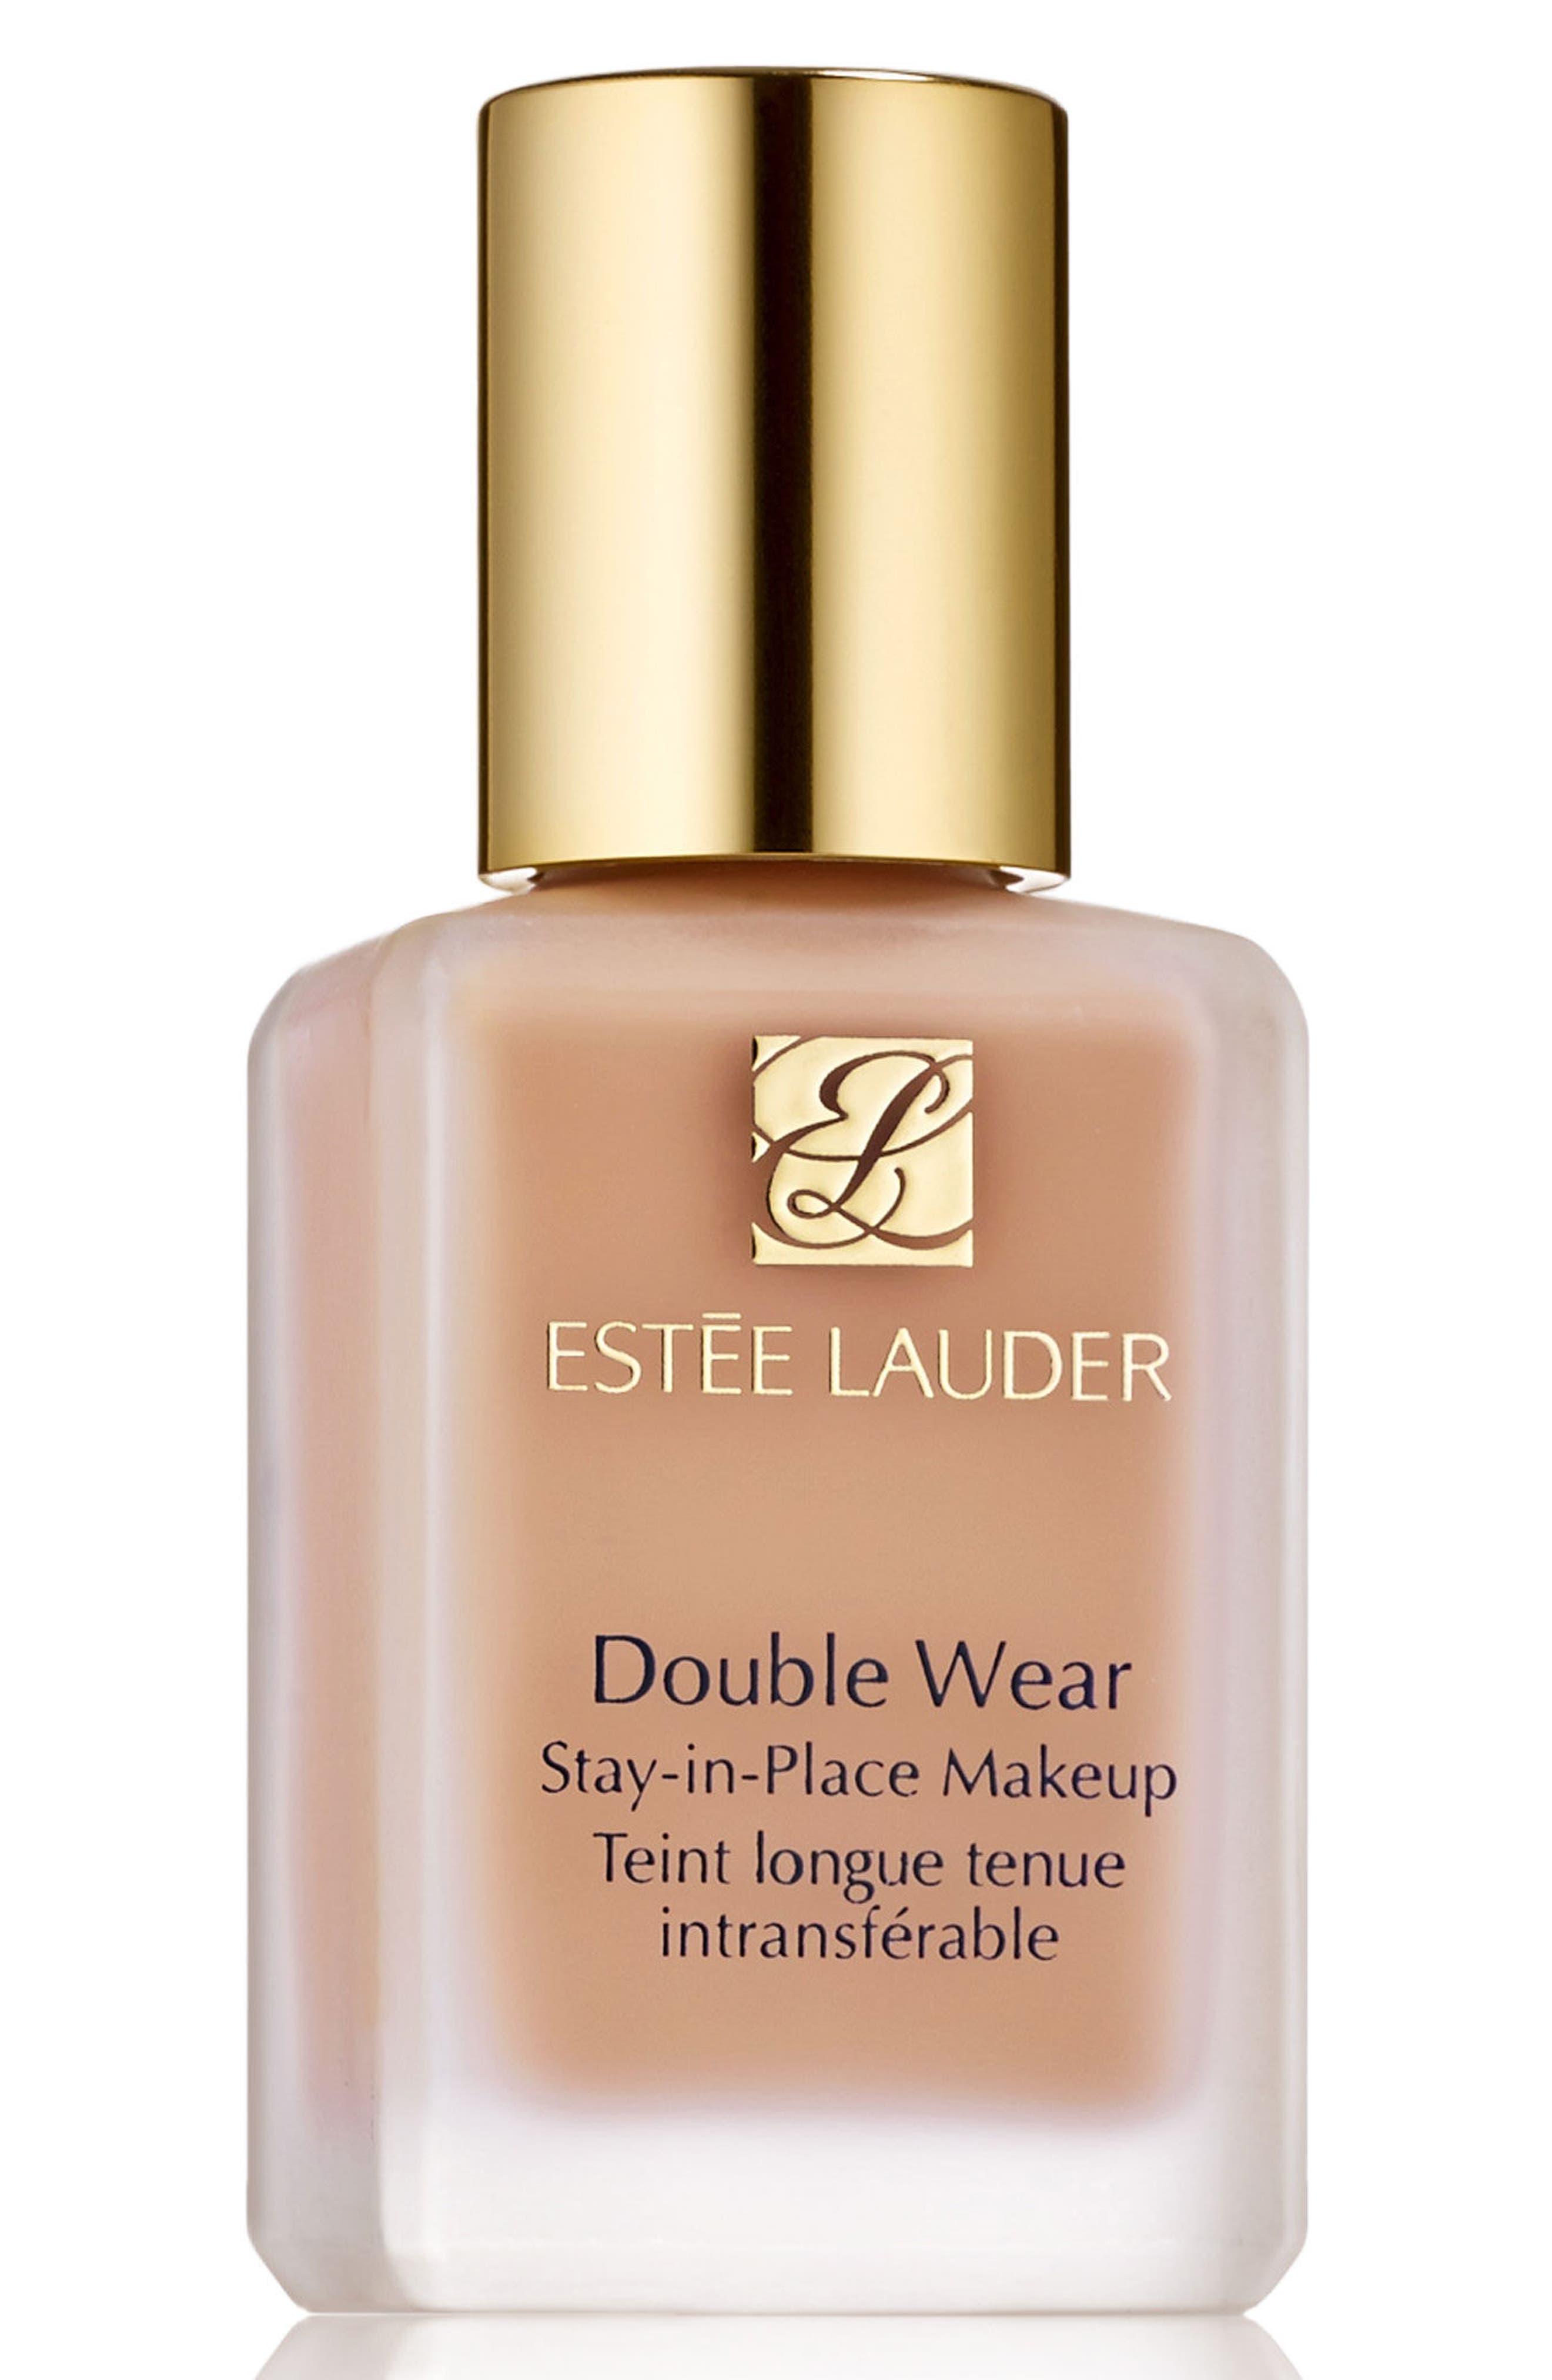 Estee Lauder Double Wear Stay-In-Place Liquid Makeup - 4C1 Outdoor Beige